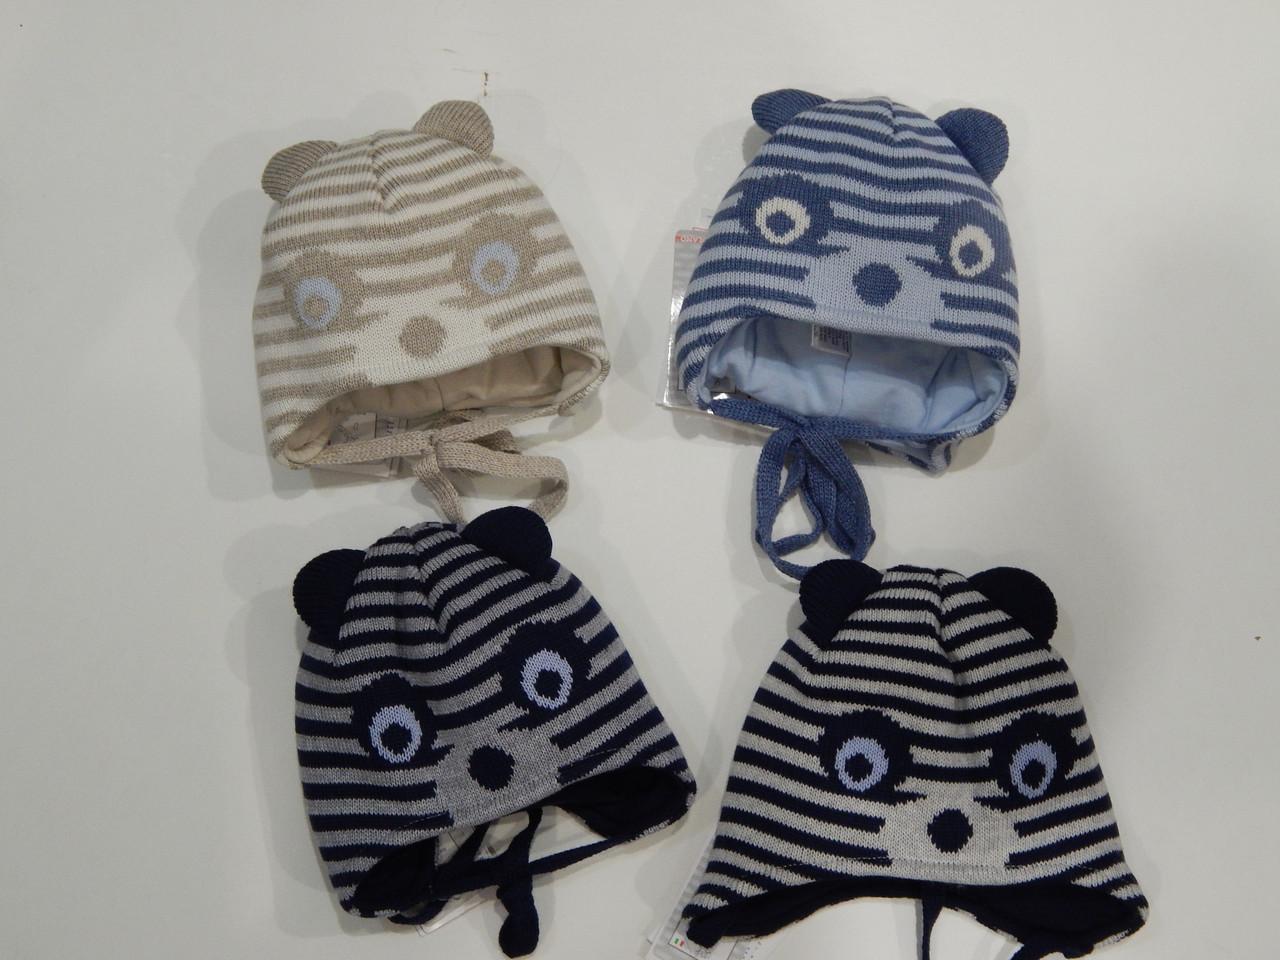 Шапочка зимняя для мальчика ТМ Barbaras объем головы 40-42, 42-44 коричневая, синяя, черная, серая